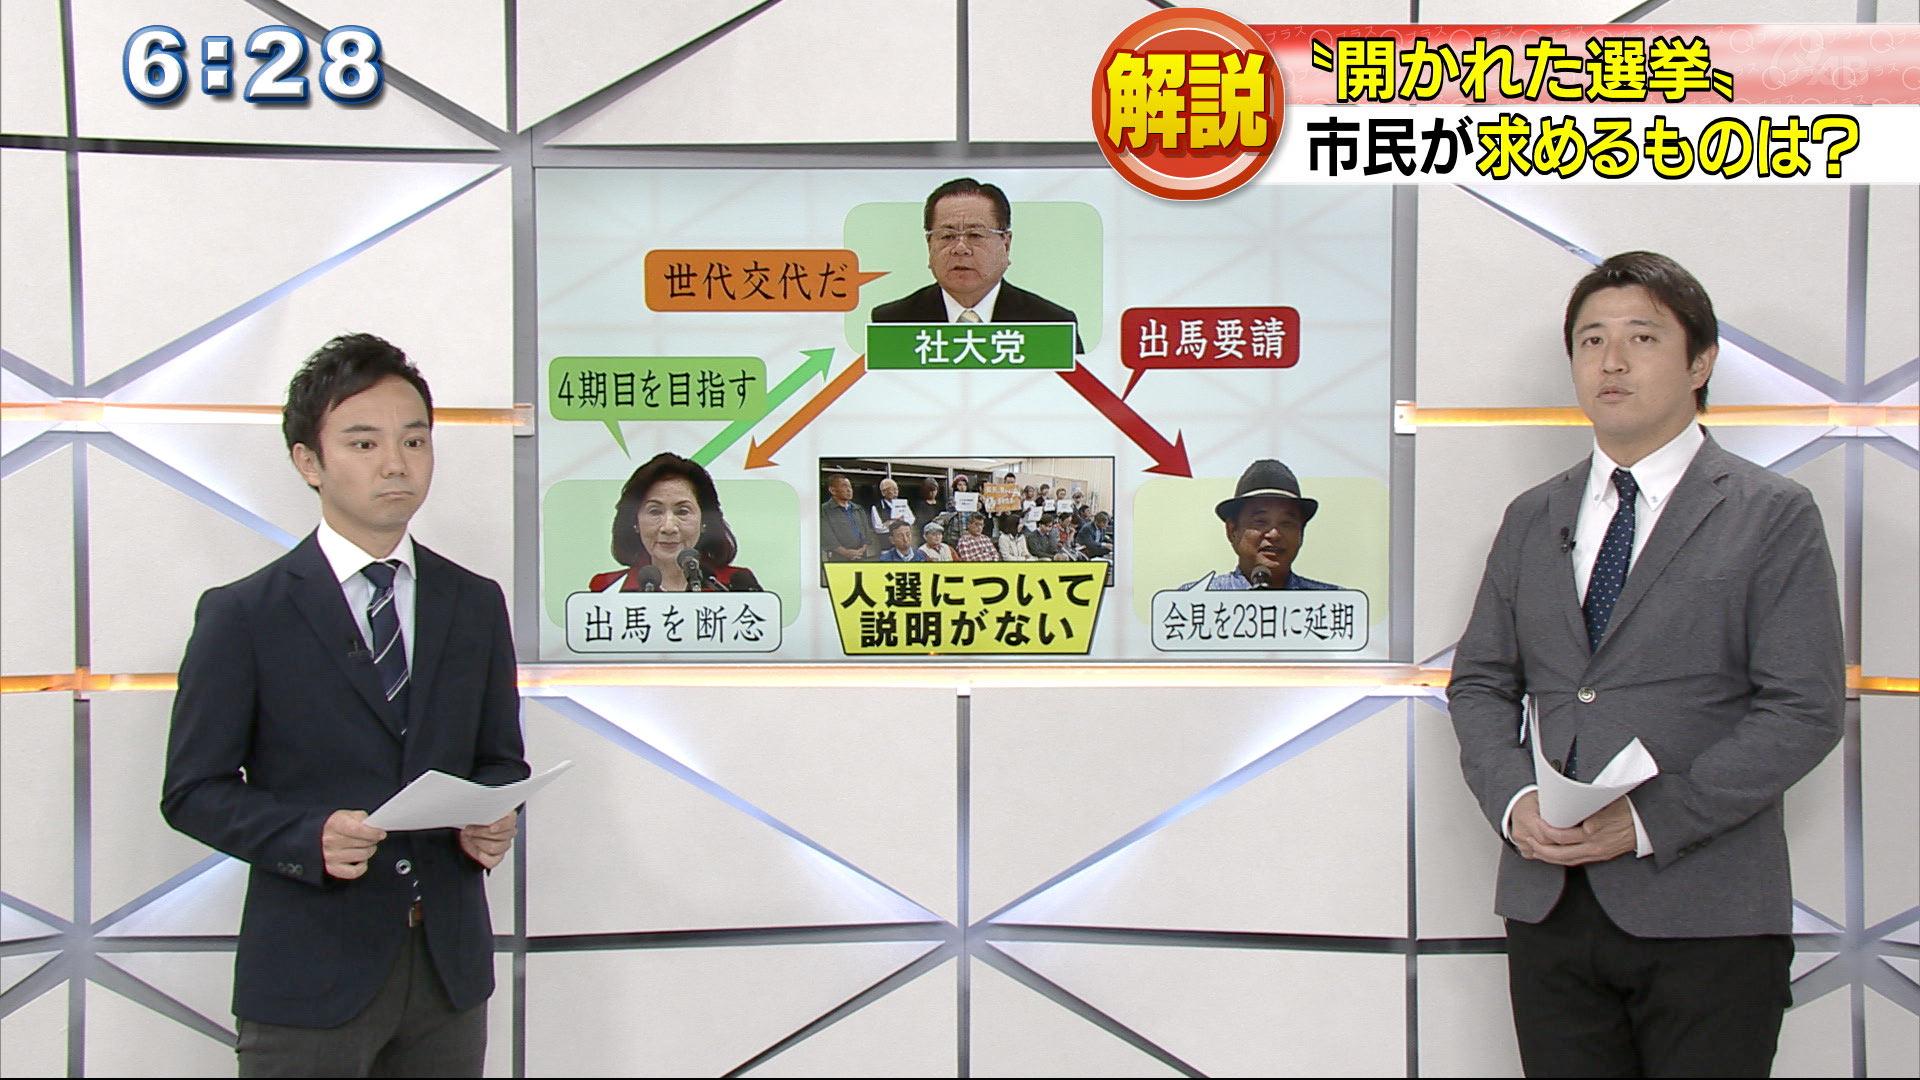 市民らが「開かれた選挙」求め会見 その意図は 県庁記者クラブ